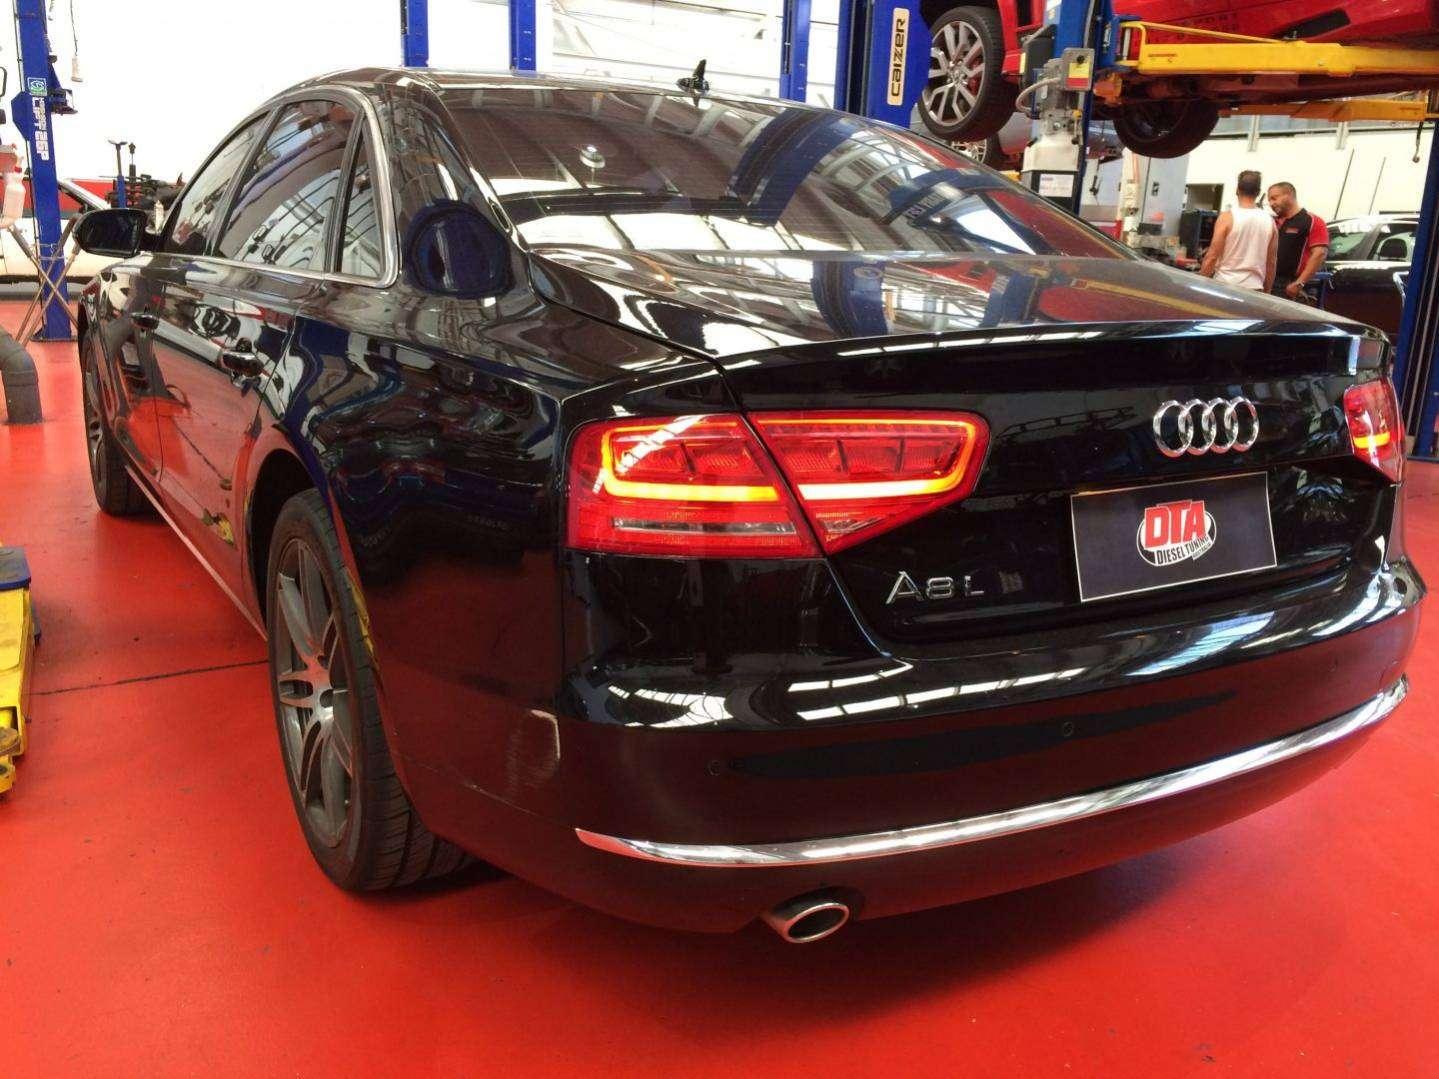 Kelebihan Kekurangan Audi A8 3.0 Tdi Review